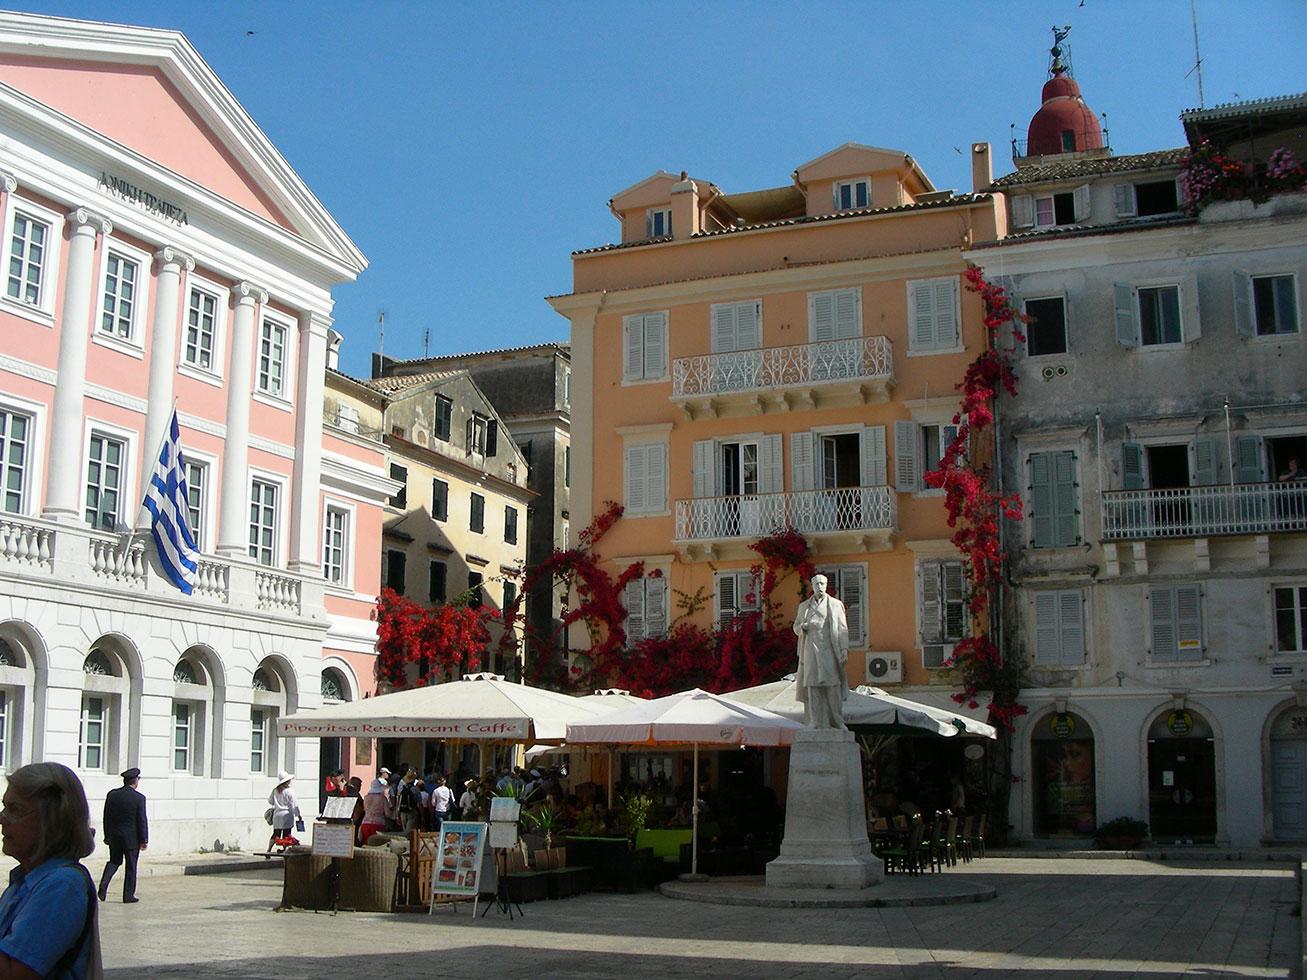 Piazzetta nella città vecchia di Kerkira